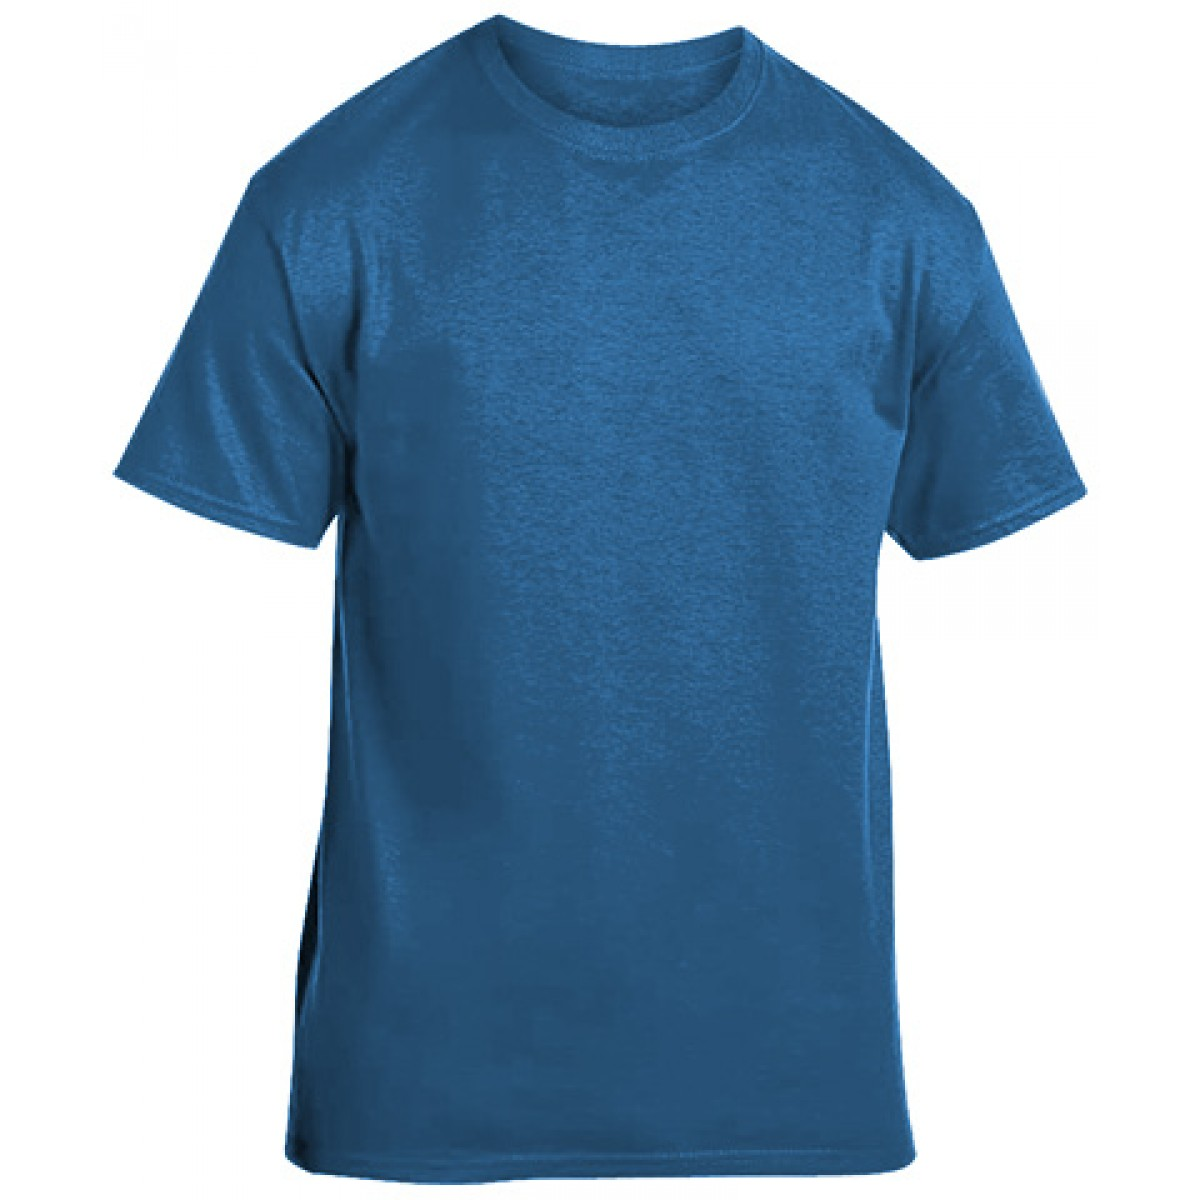 Soft 100% Cotton T-Shirt-Sapphire-L